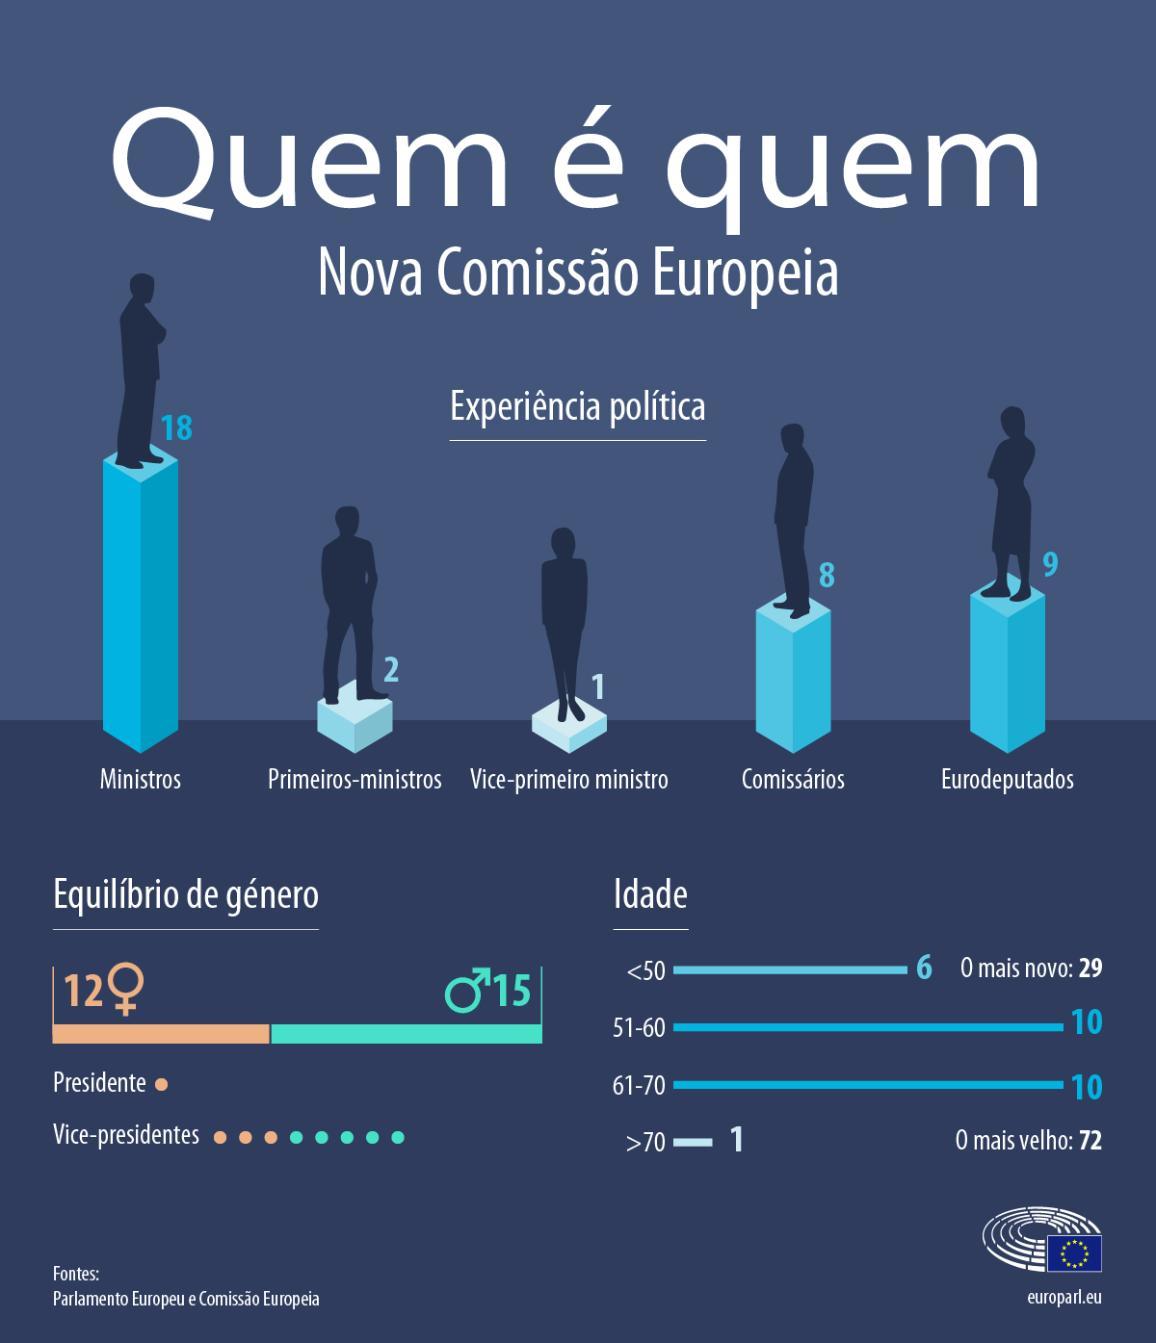 Infografia: quem é quem na nova Comissão Europeia